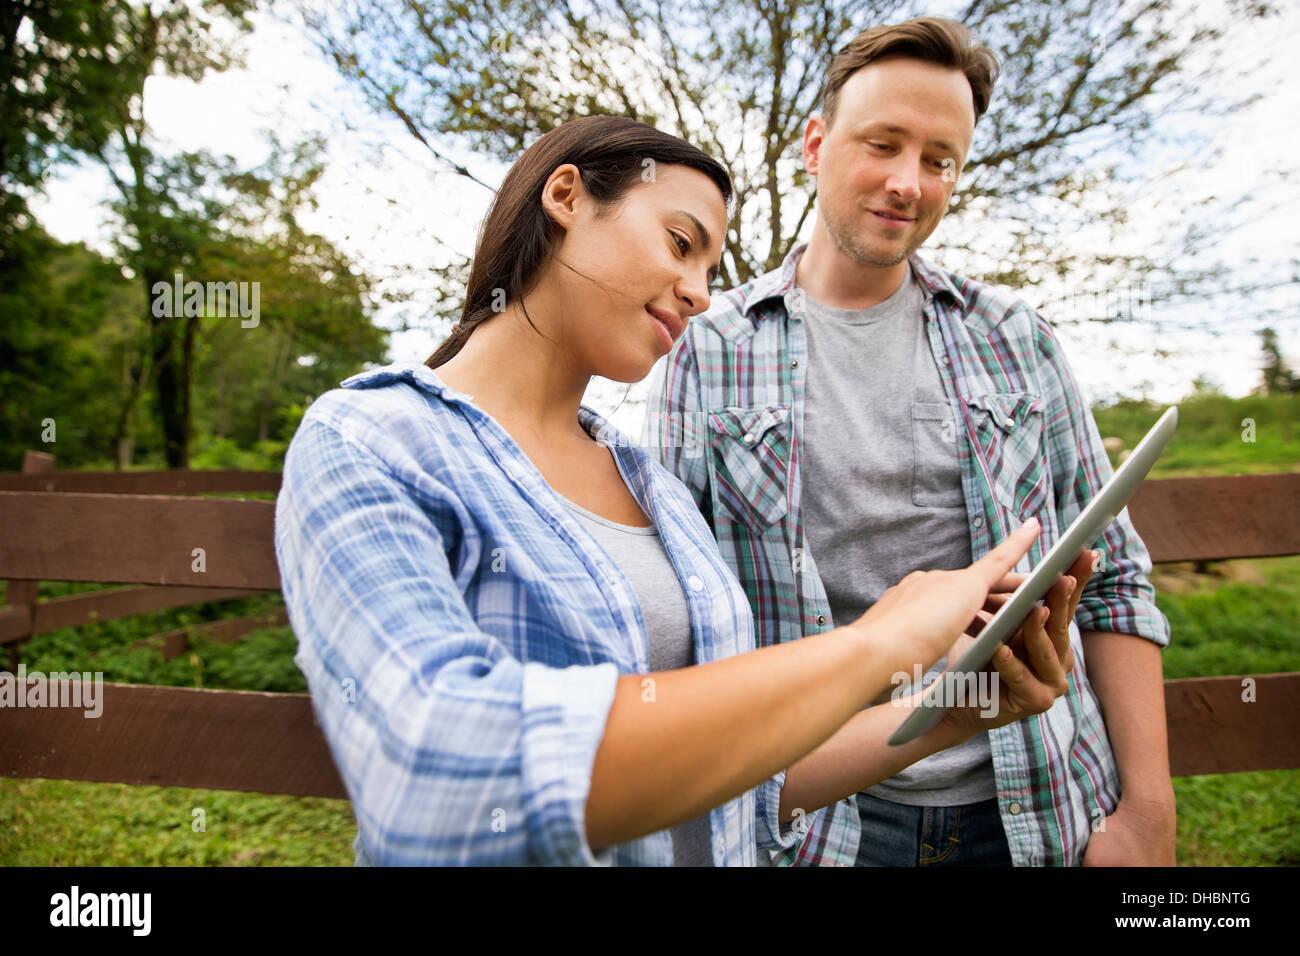 Une ferme biologique dans les Catskills. Deux personnes à la recherche à l'écran d'une tablette numérique. Photo Stock